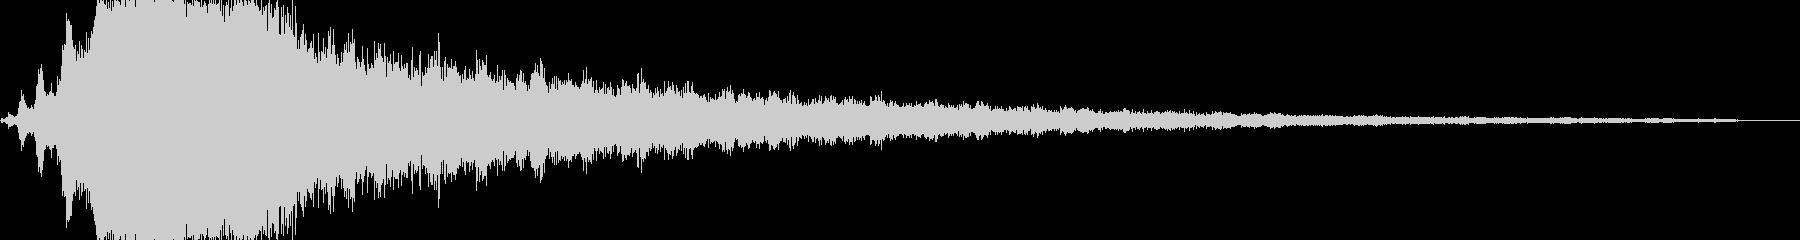 ベリースイープバージョン1の未再生の波形